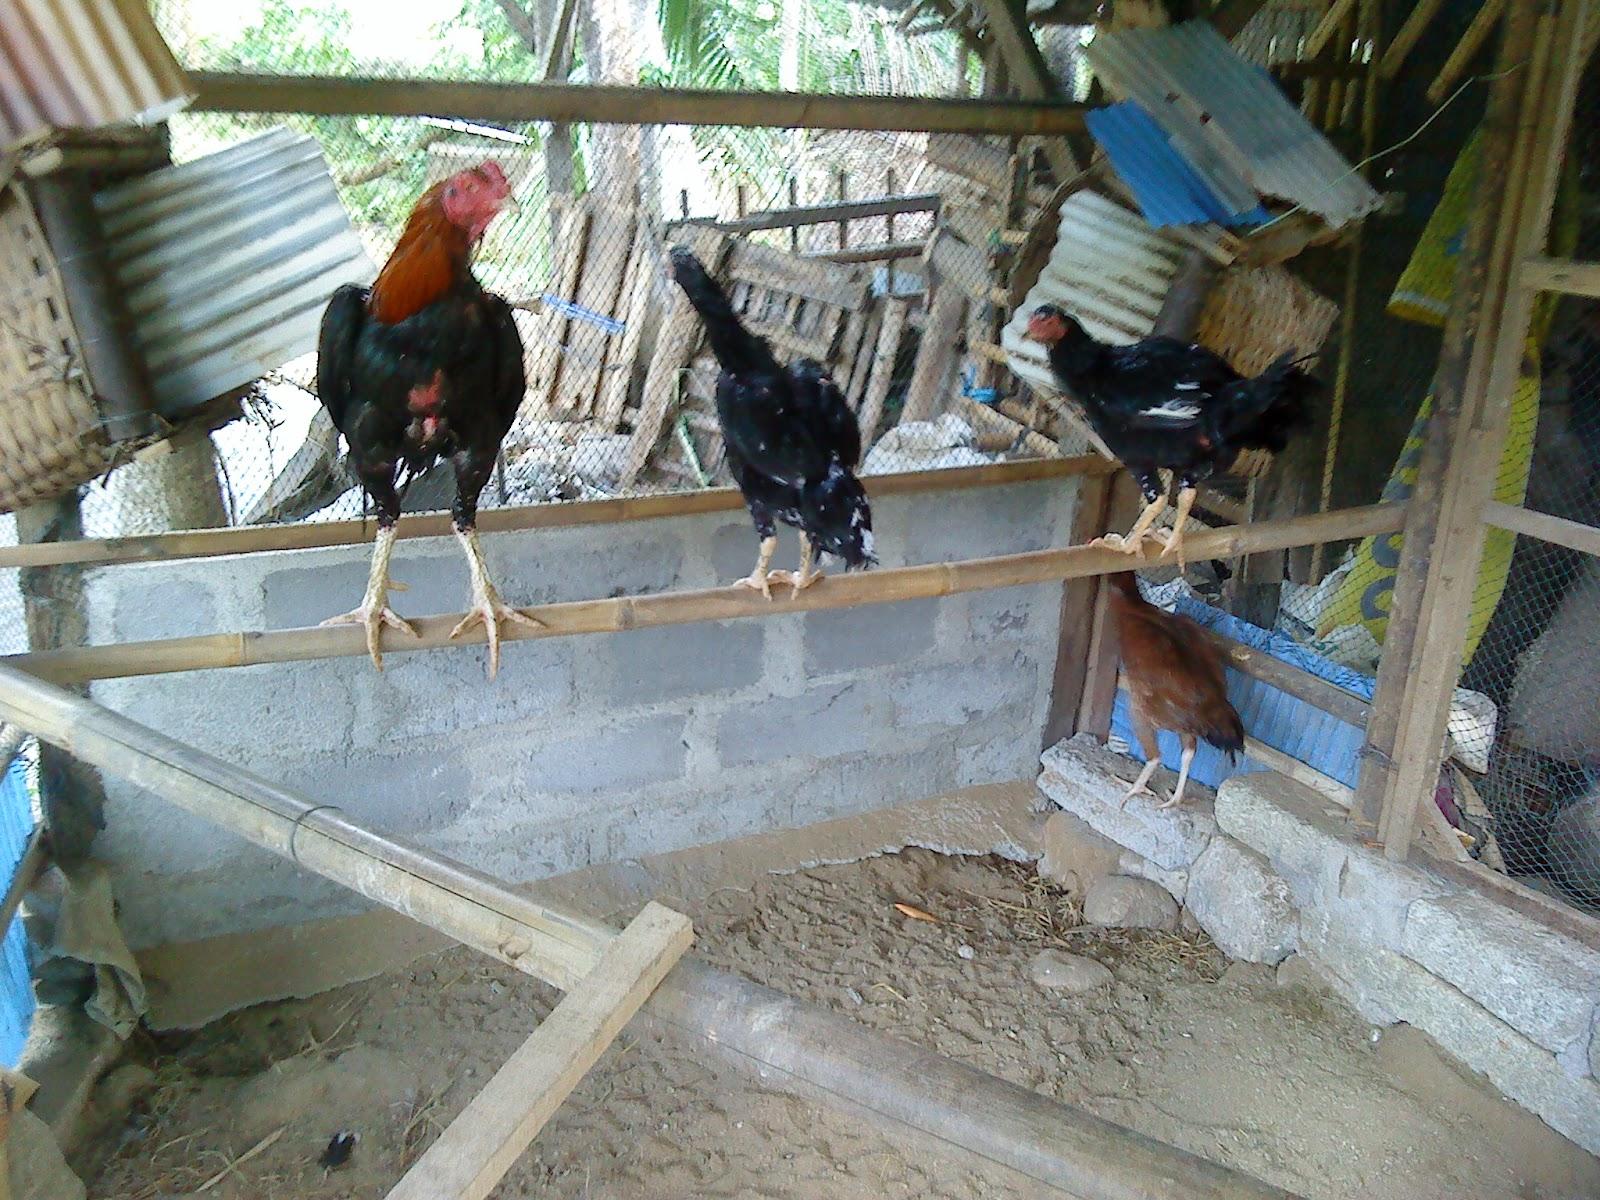 ... Ayam Bangkok http://genuardis.net/gambar/gambar-ayam-petarung.htm